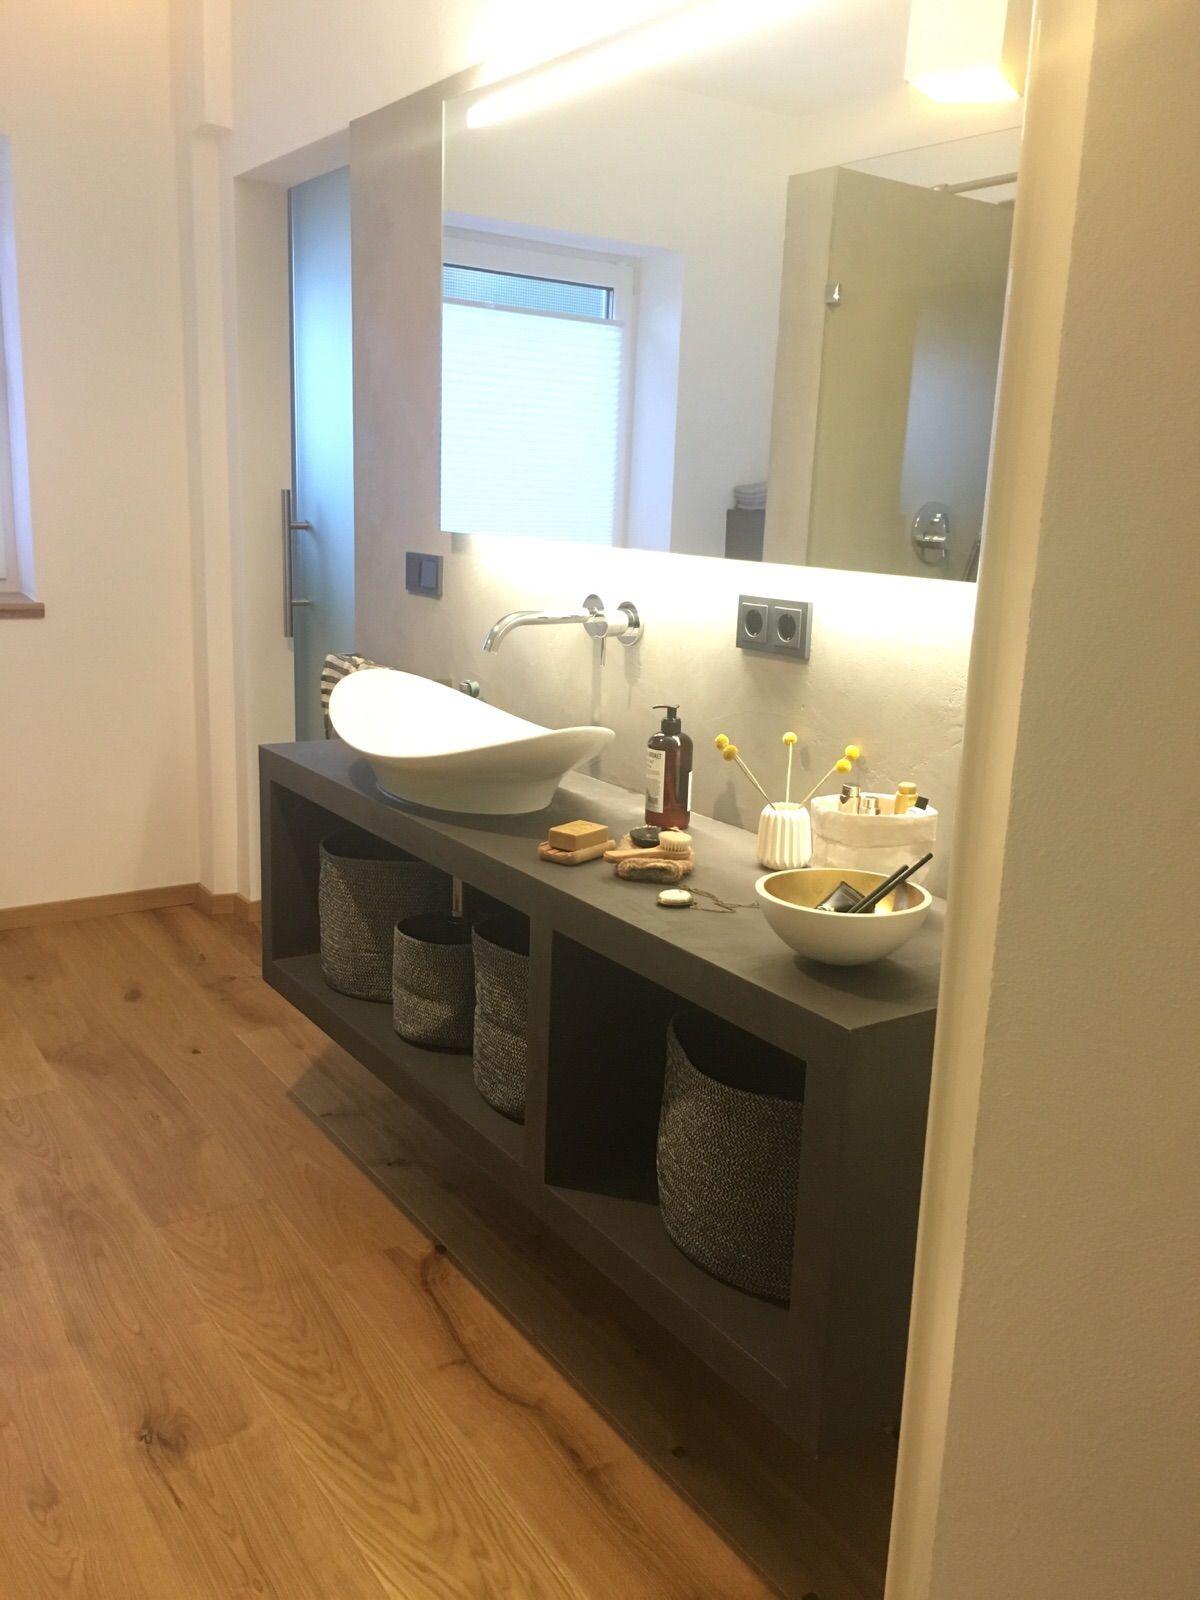 diy waschtisch aus beton cir selbst bauen waschtisch und w nde. Black Bedroom Furniture Sets. Home Design Ideas